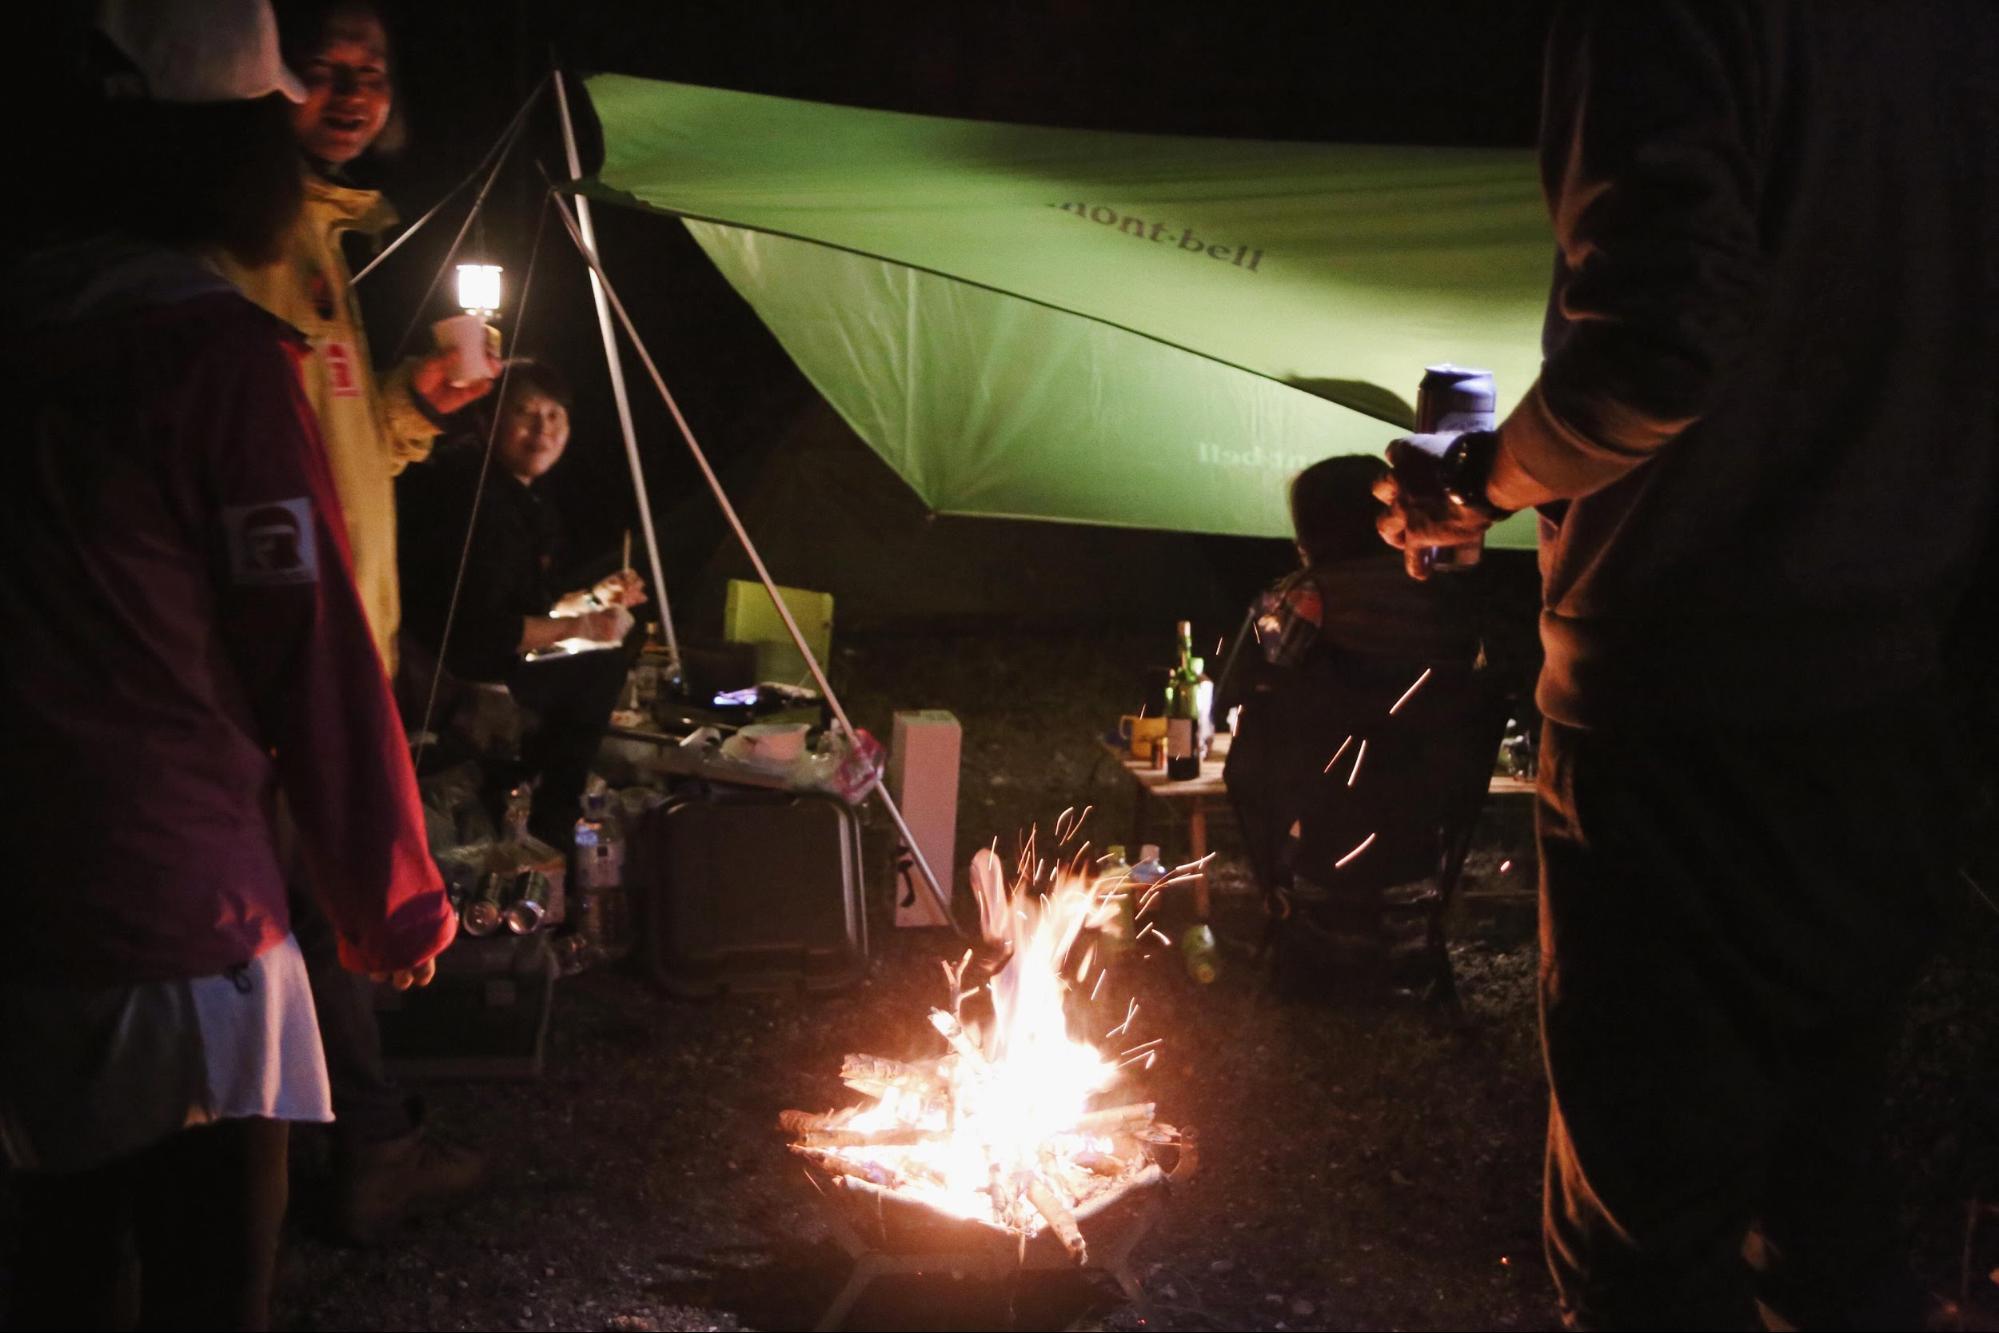 焚き火を囲んで飲み明かすのもキャンプの醍醐味 Photo by Riho Kamimura